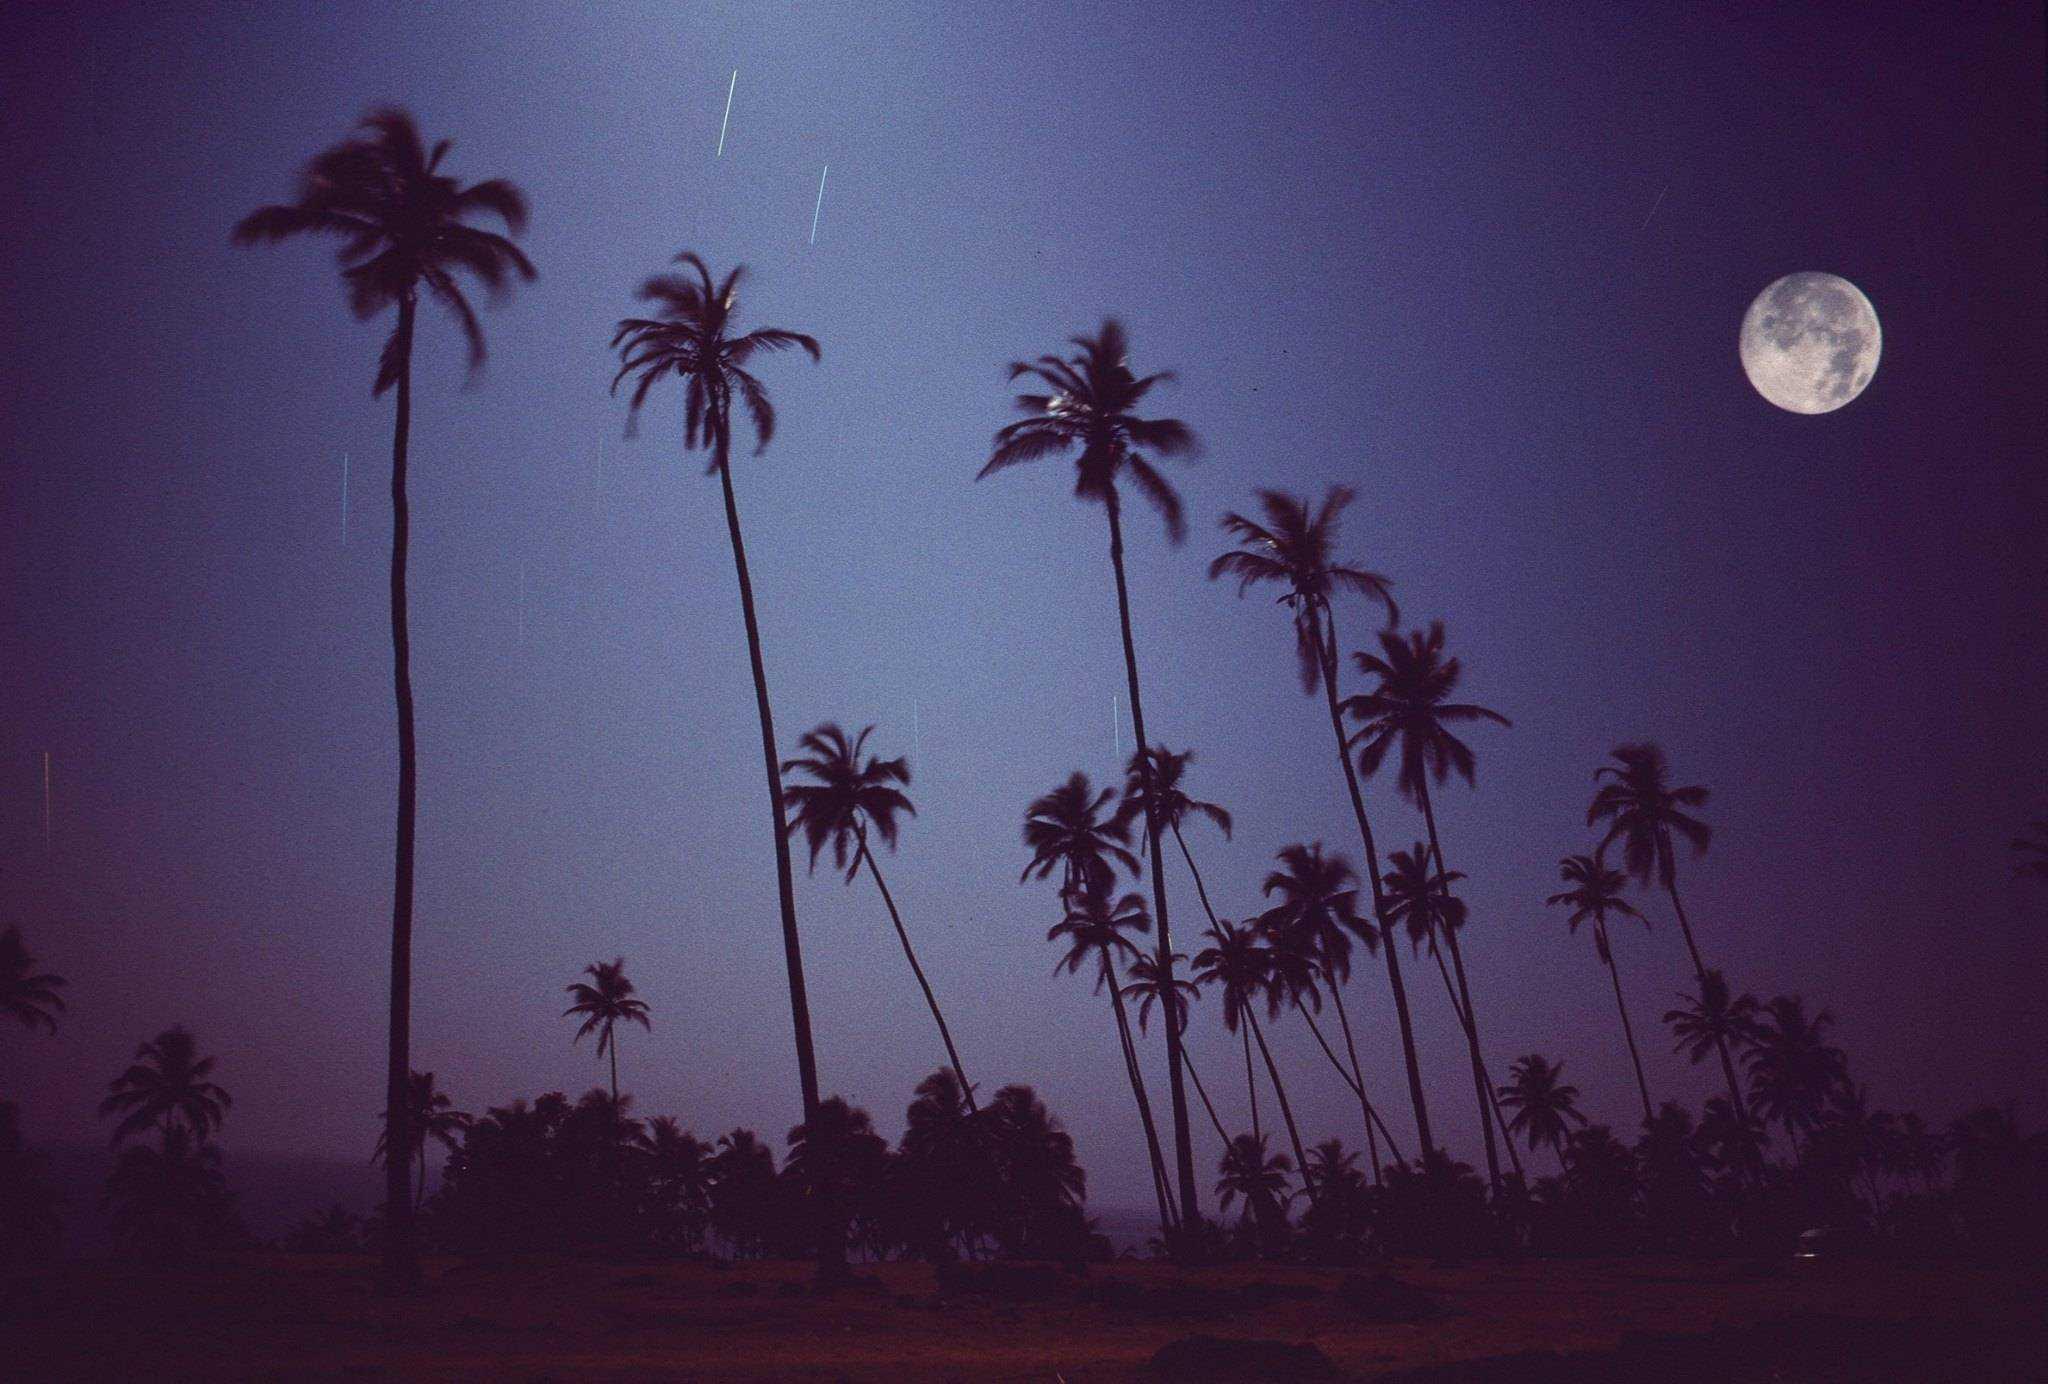 Полнолуние над Вагатором, Гоа, Индия, 1976 год (Photo by Michel Hilzinger).